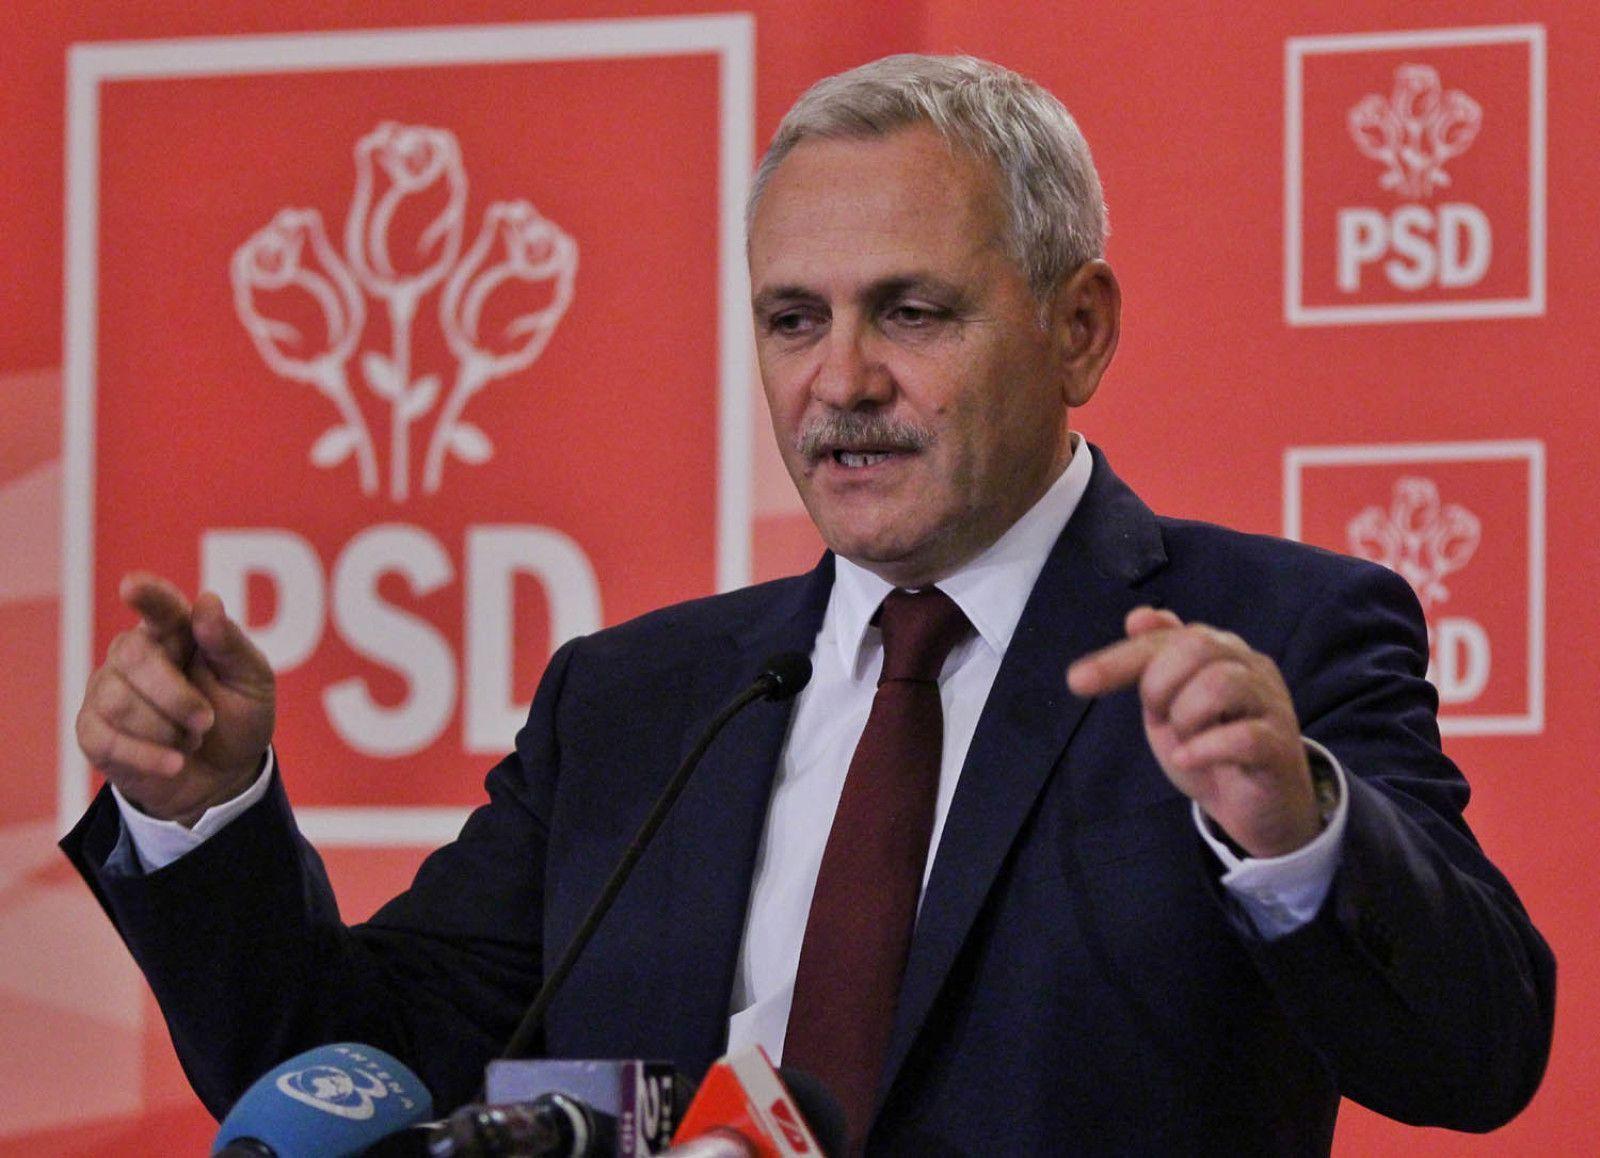 Der Spiegel: La fel ca Polonia, România ar trebui pedepsită pentru încălcarea principiilor UE